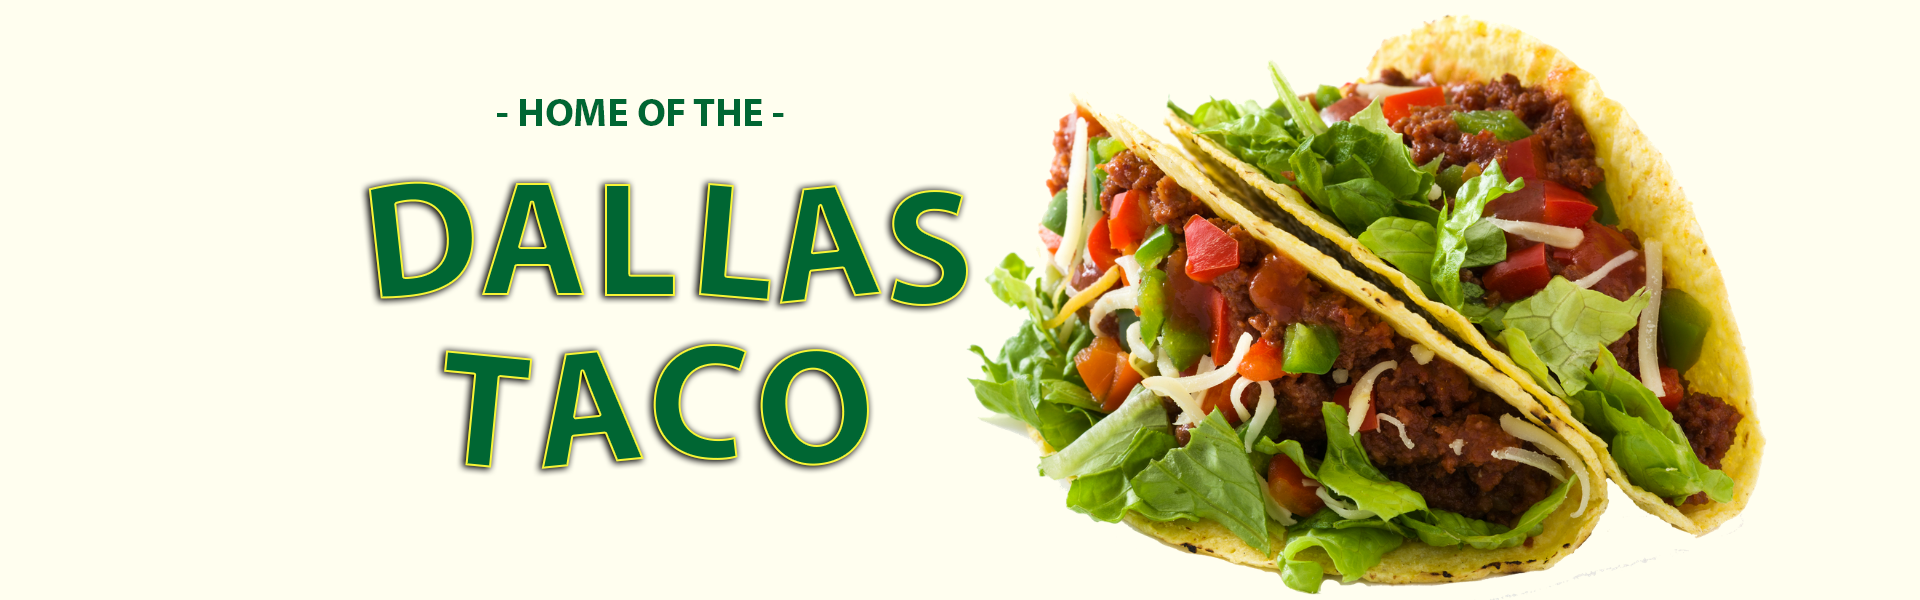 Dallas Taco | Dallas TX